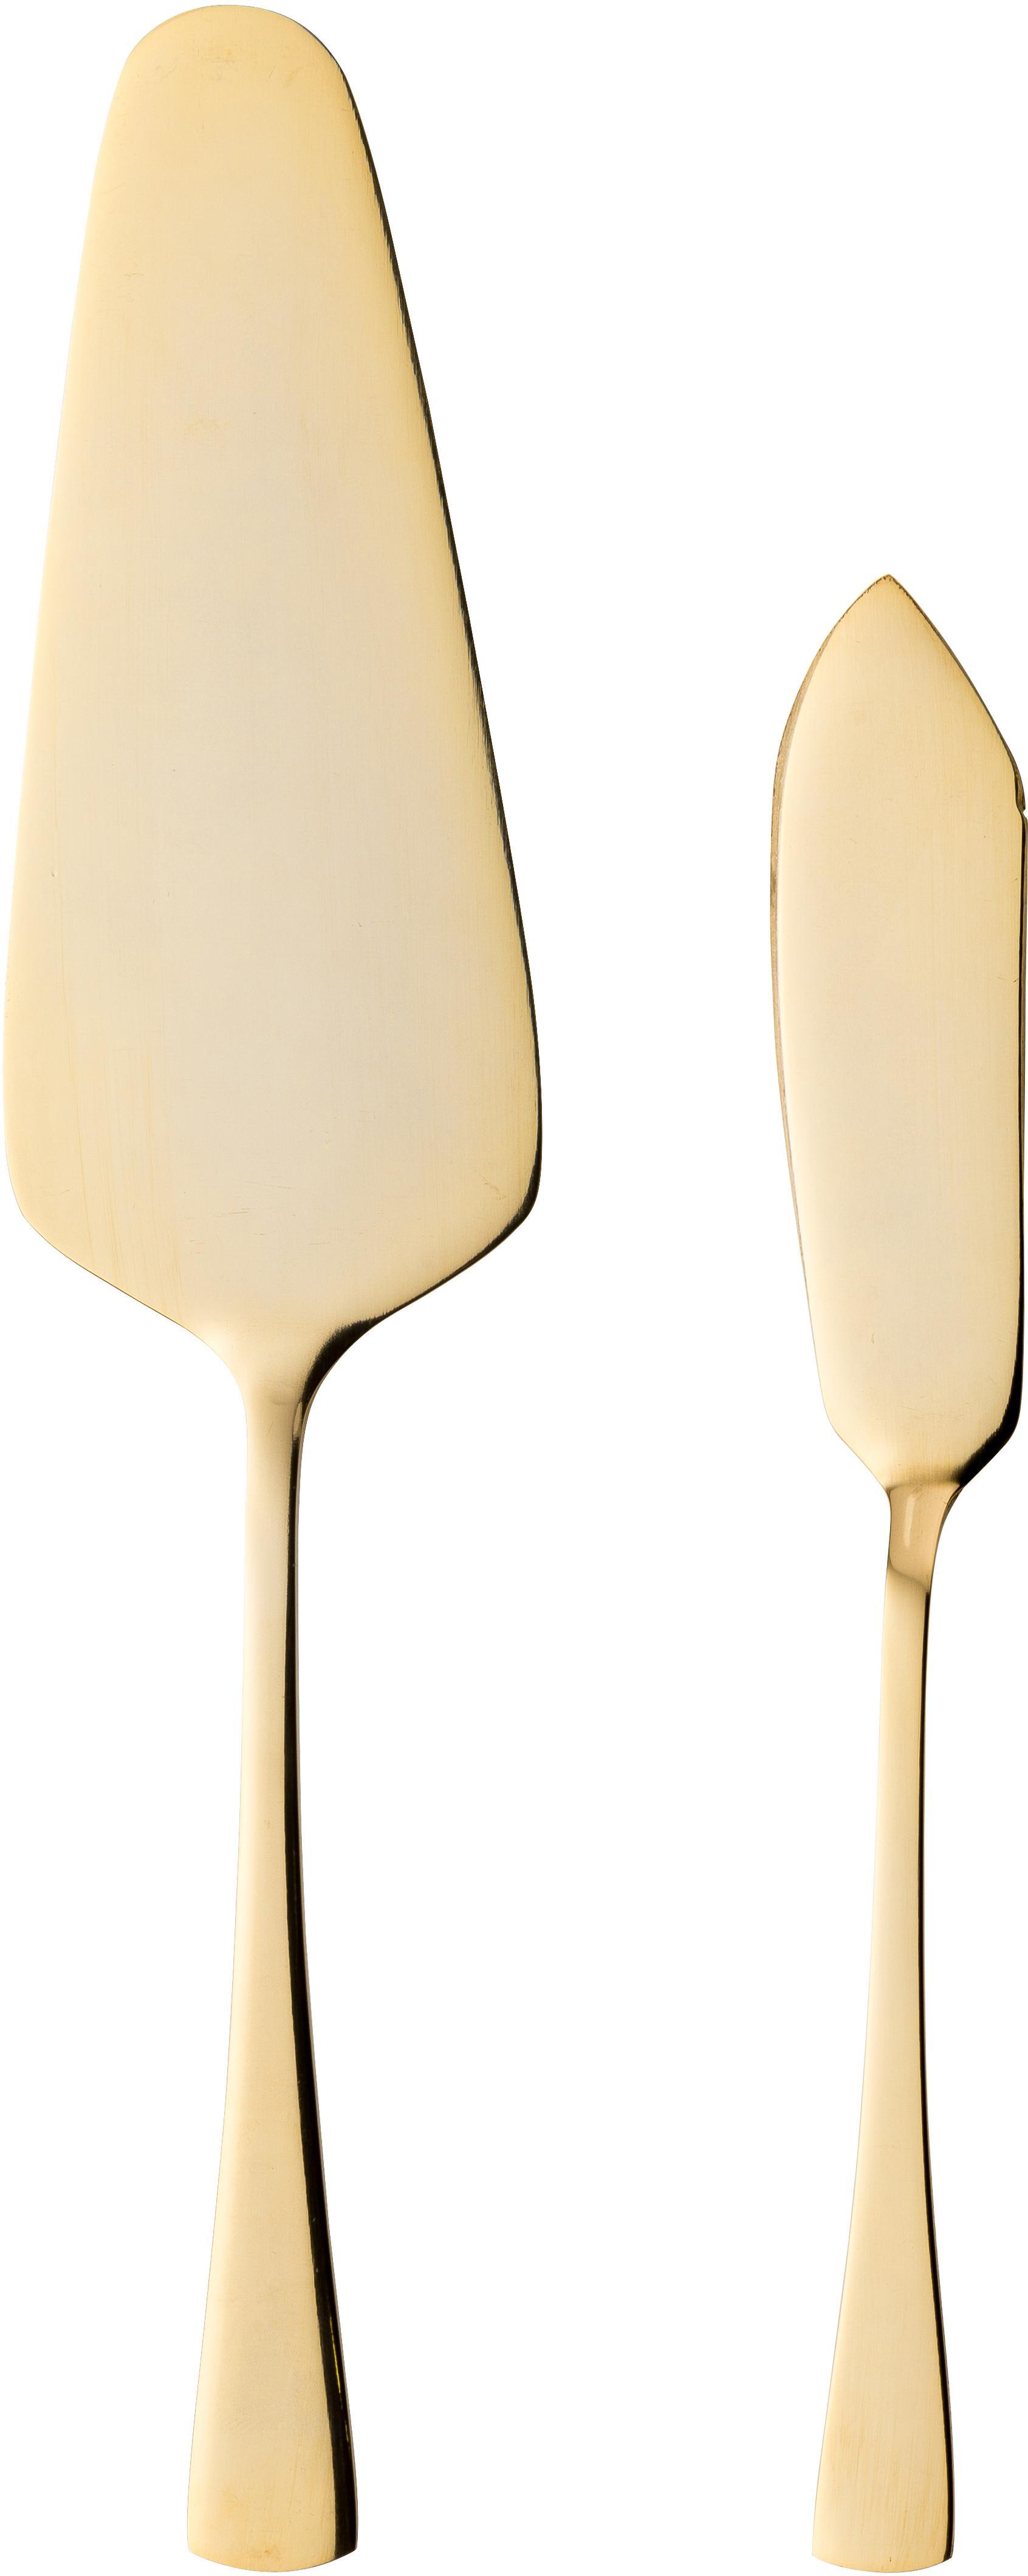 Goudkleurige taartschep set Matera van edelstaal, 2-delig, Edelstaal, Goudkleurig, Verschillende formaten